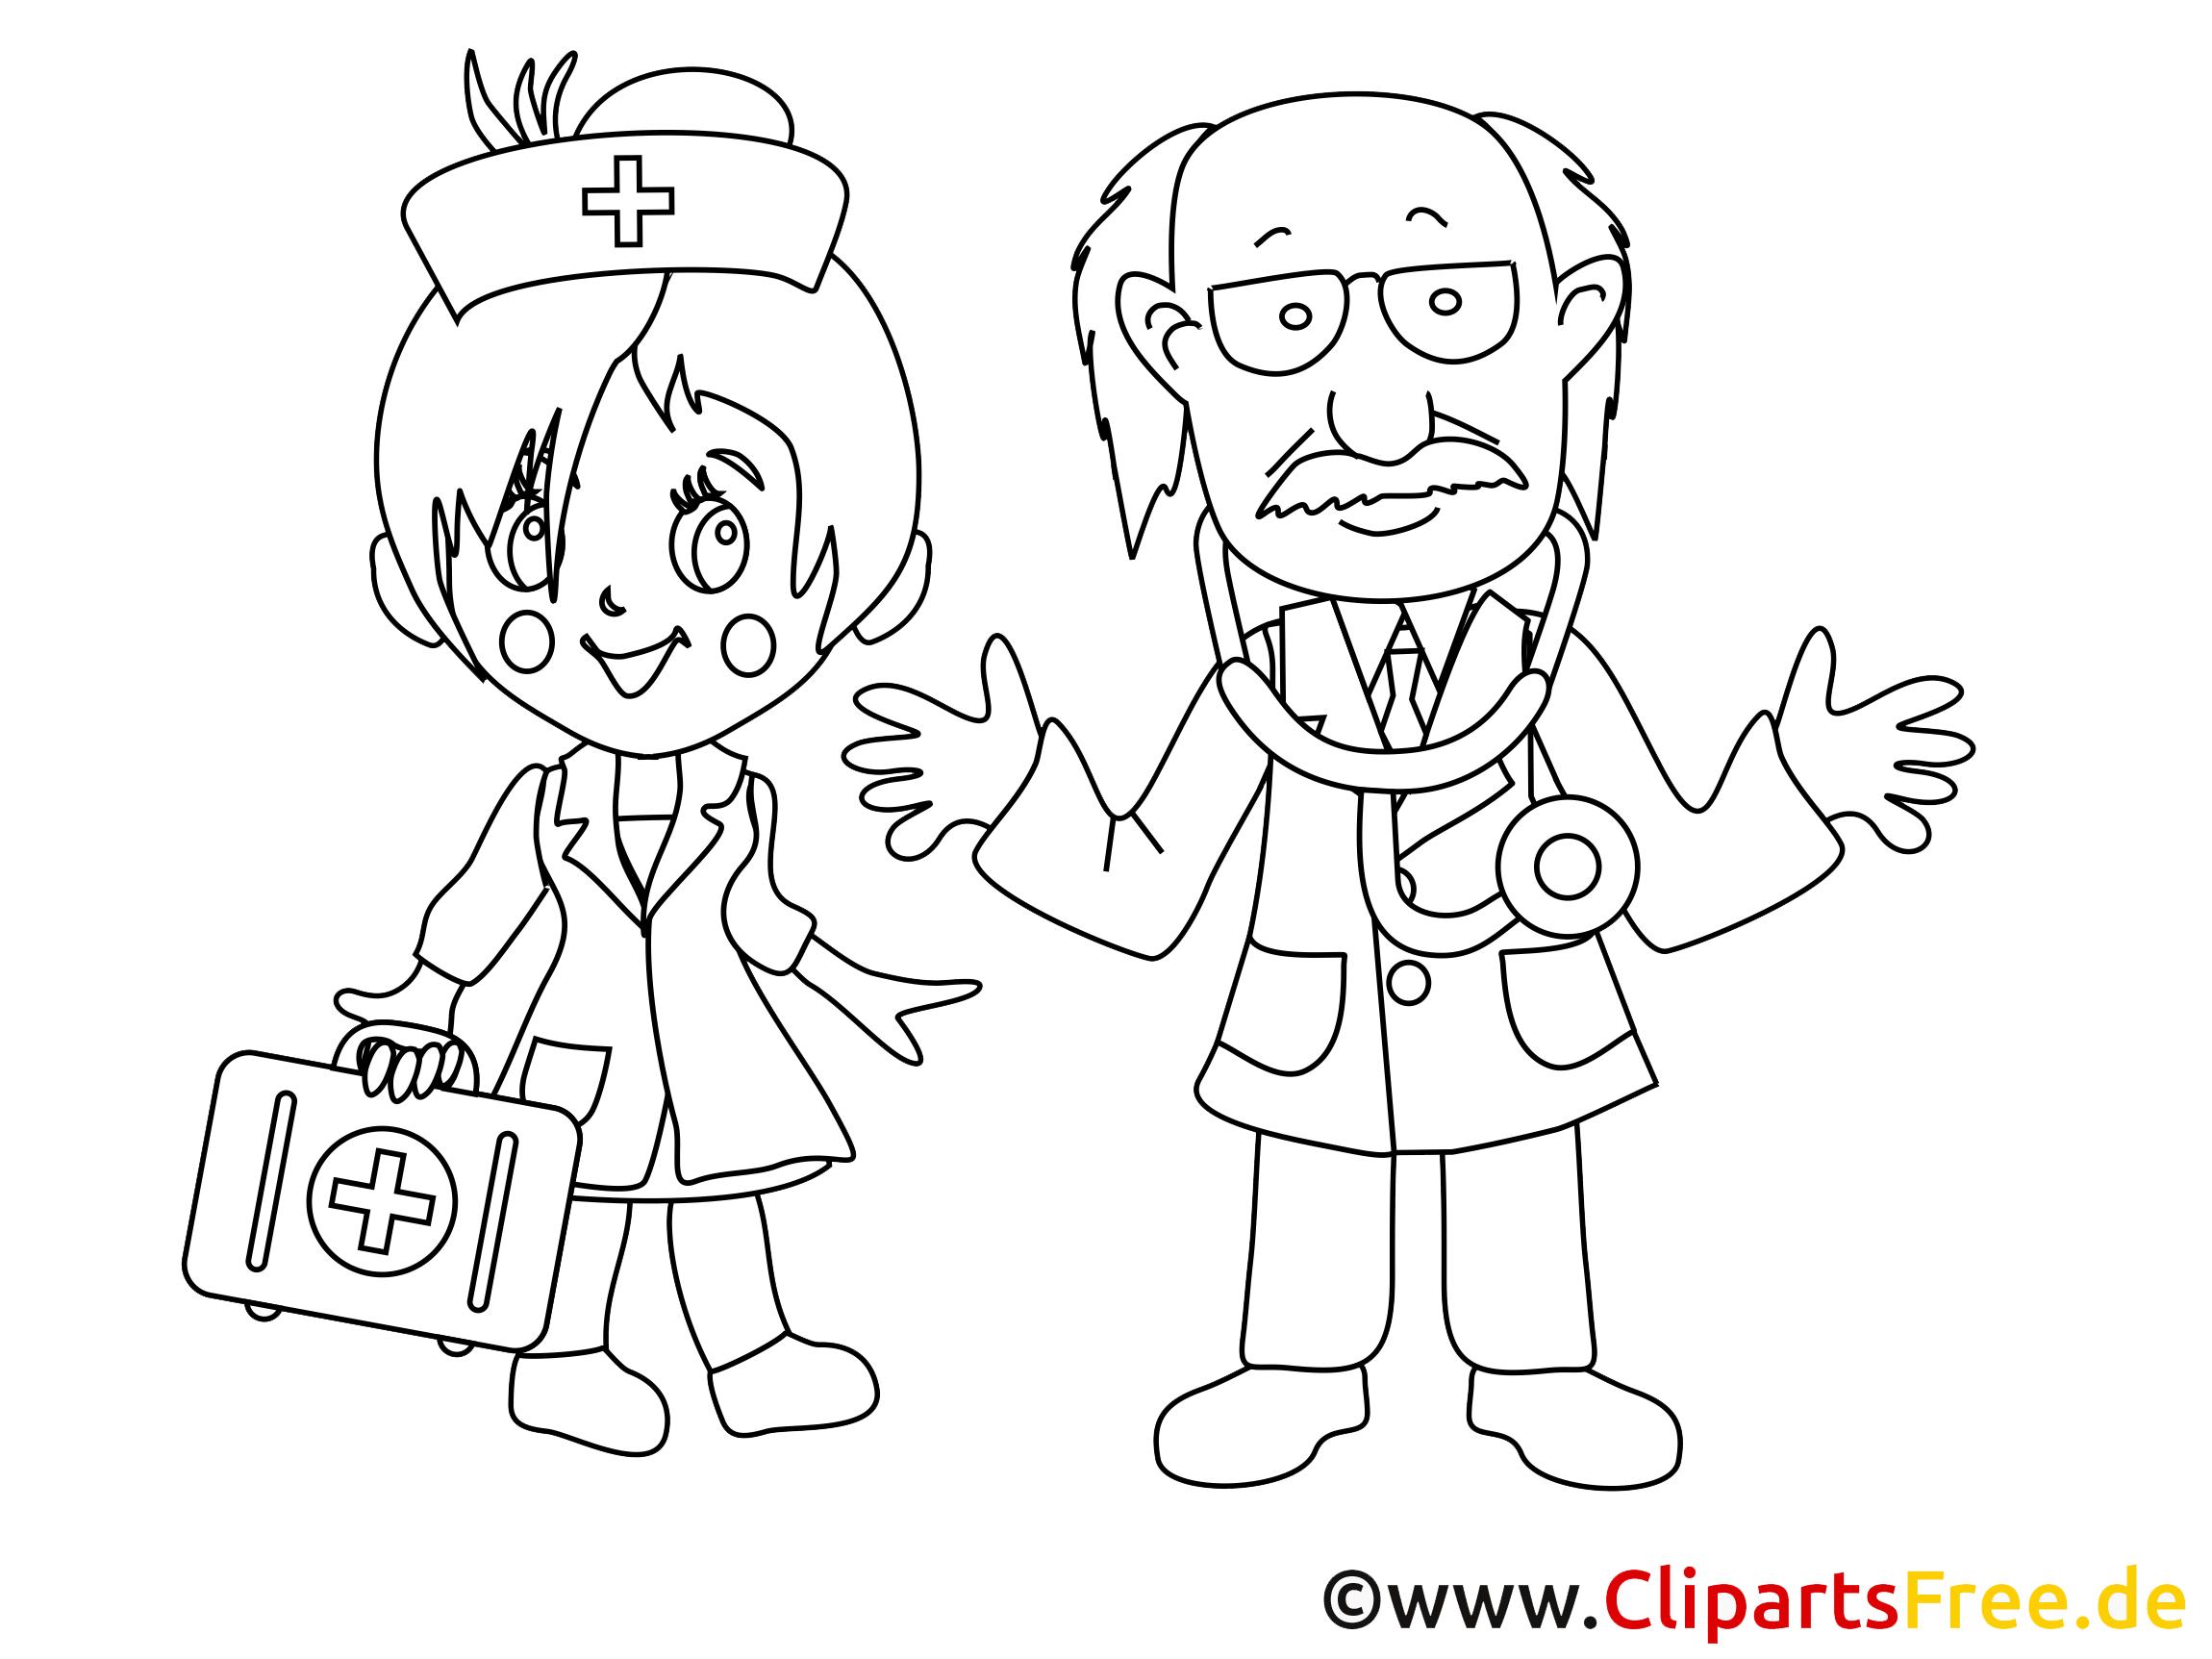 Médecin dessins à colorier - Médecine clipart